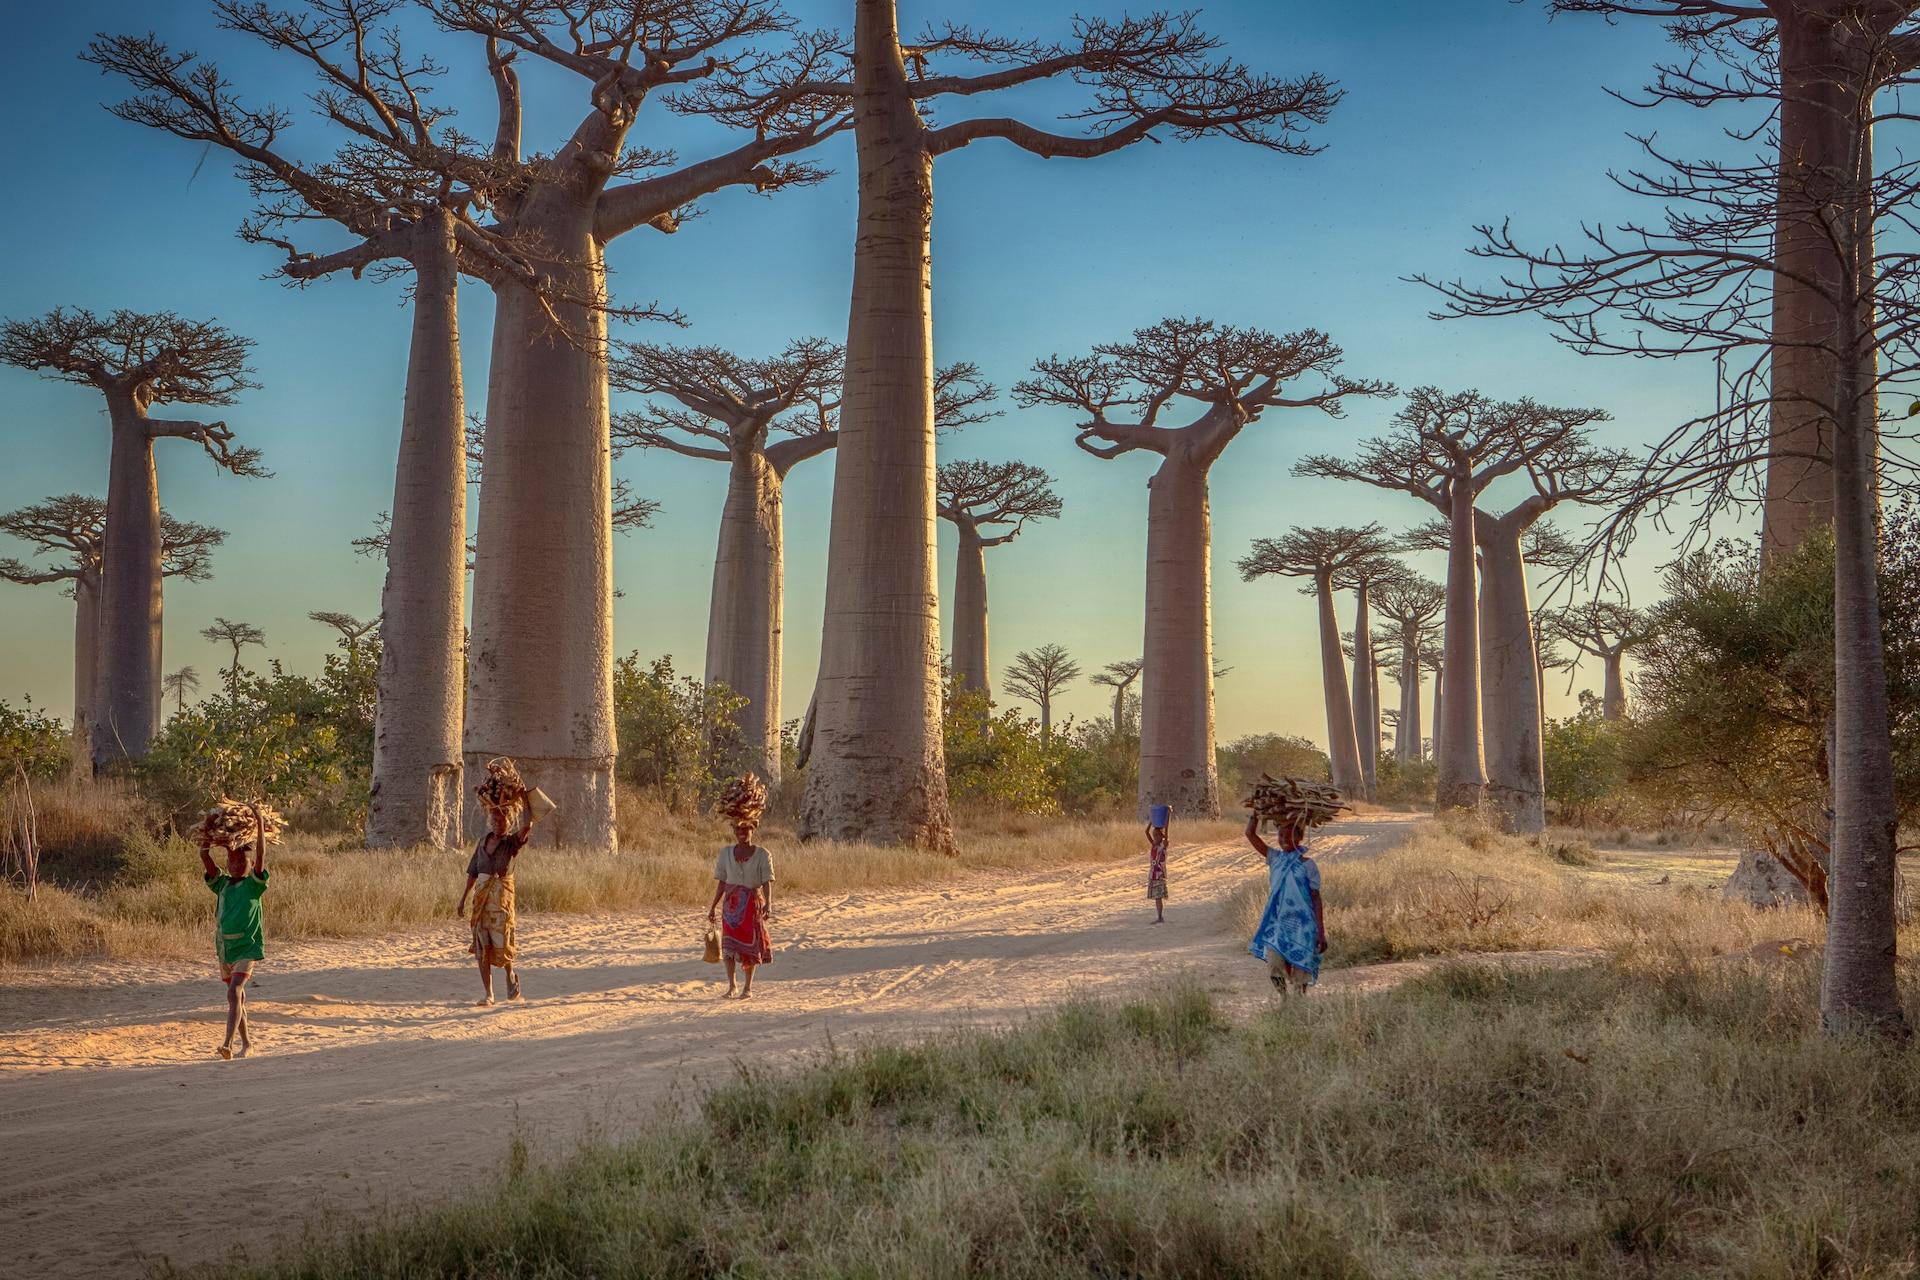 Peste à Madagascar